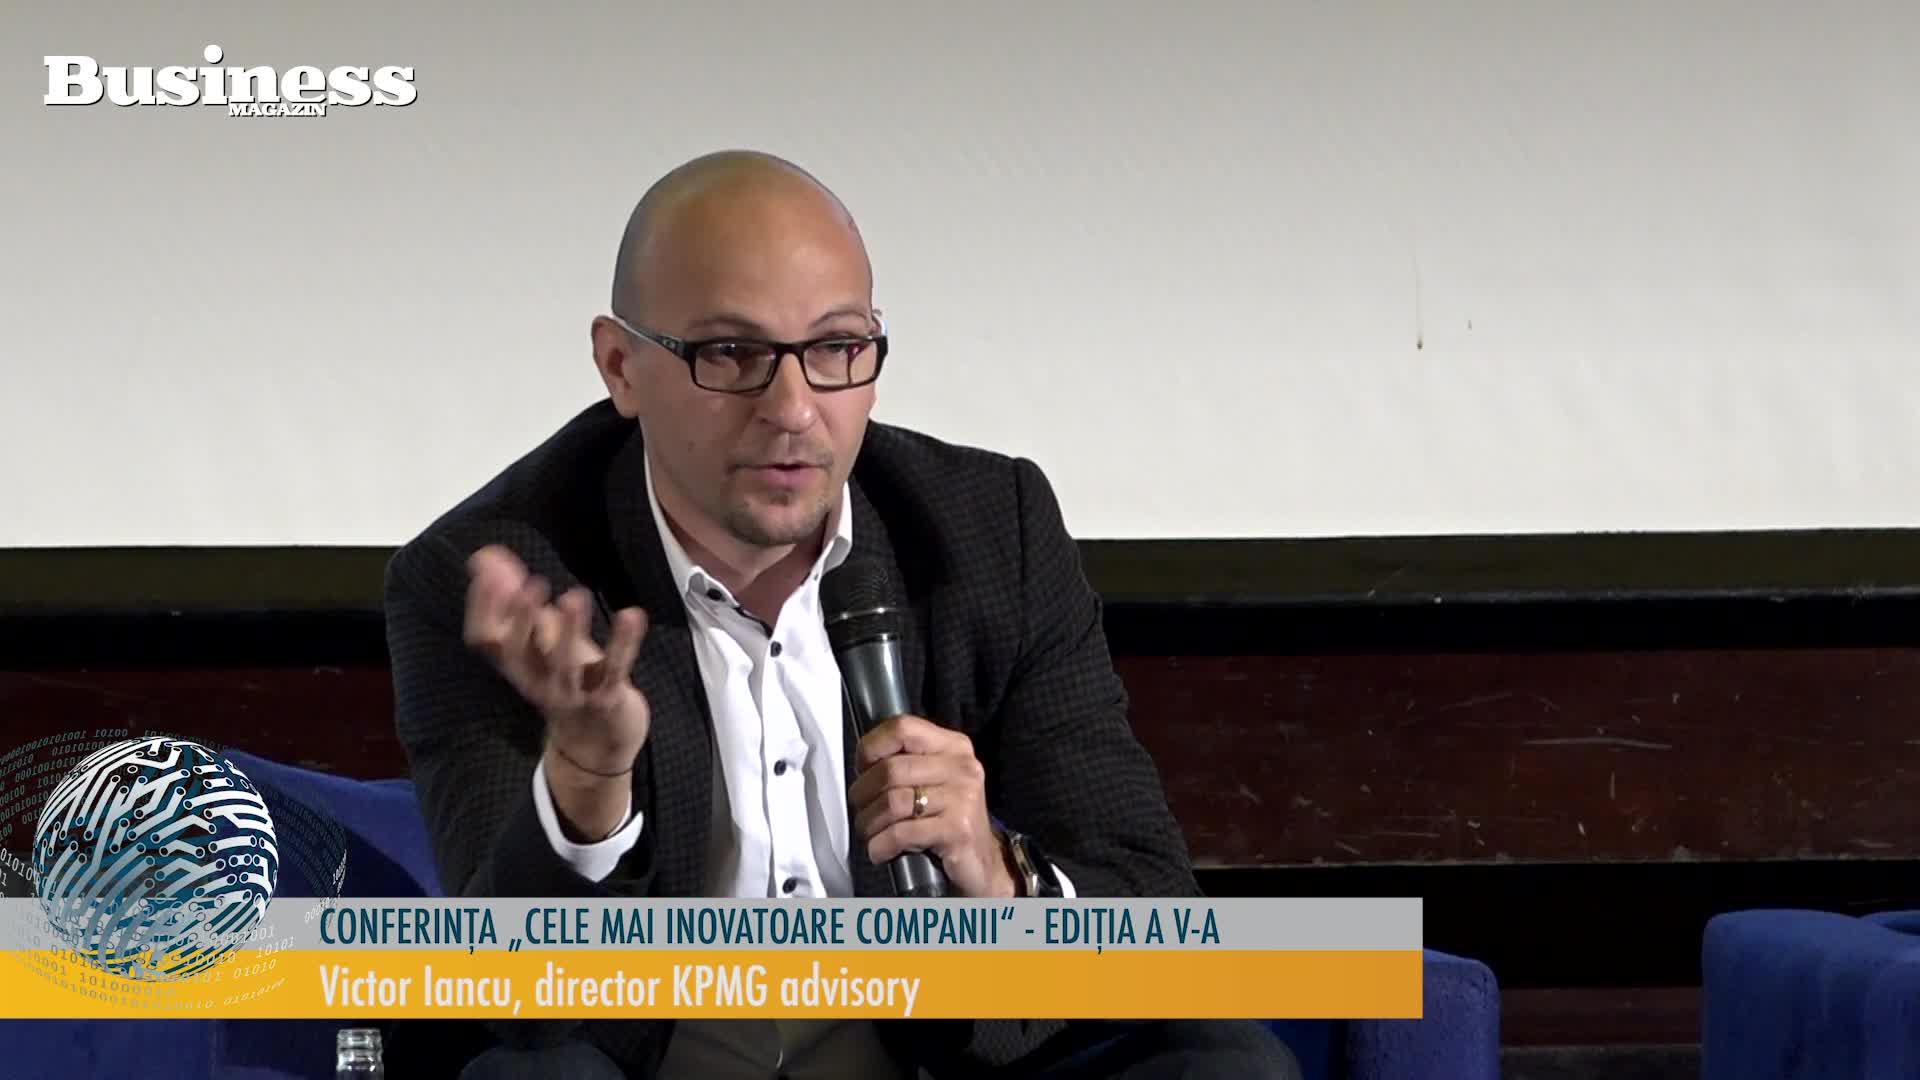 """Victor Iancu, director KPMG advisory la conferinta: """"Cele mai inovatoare companii ediţia a V-a"""" - VIDEO"""